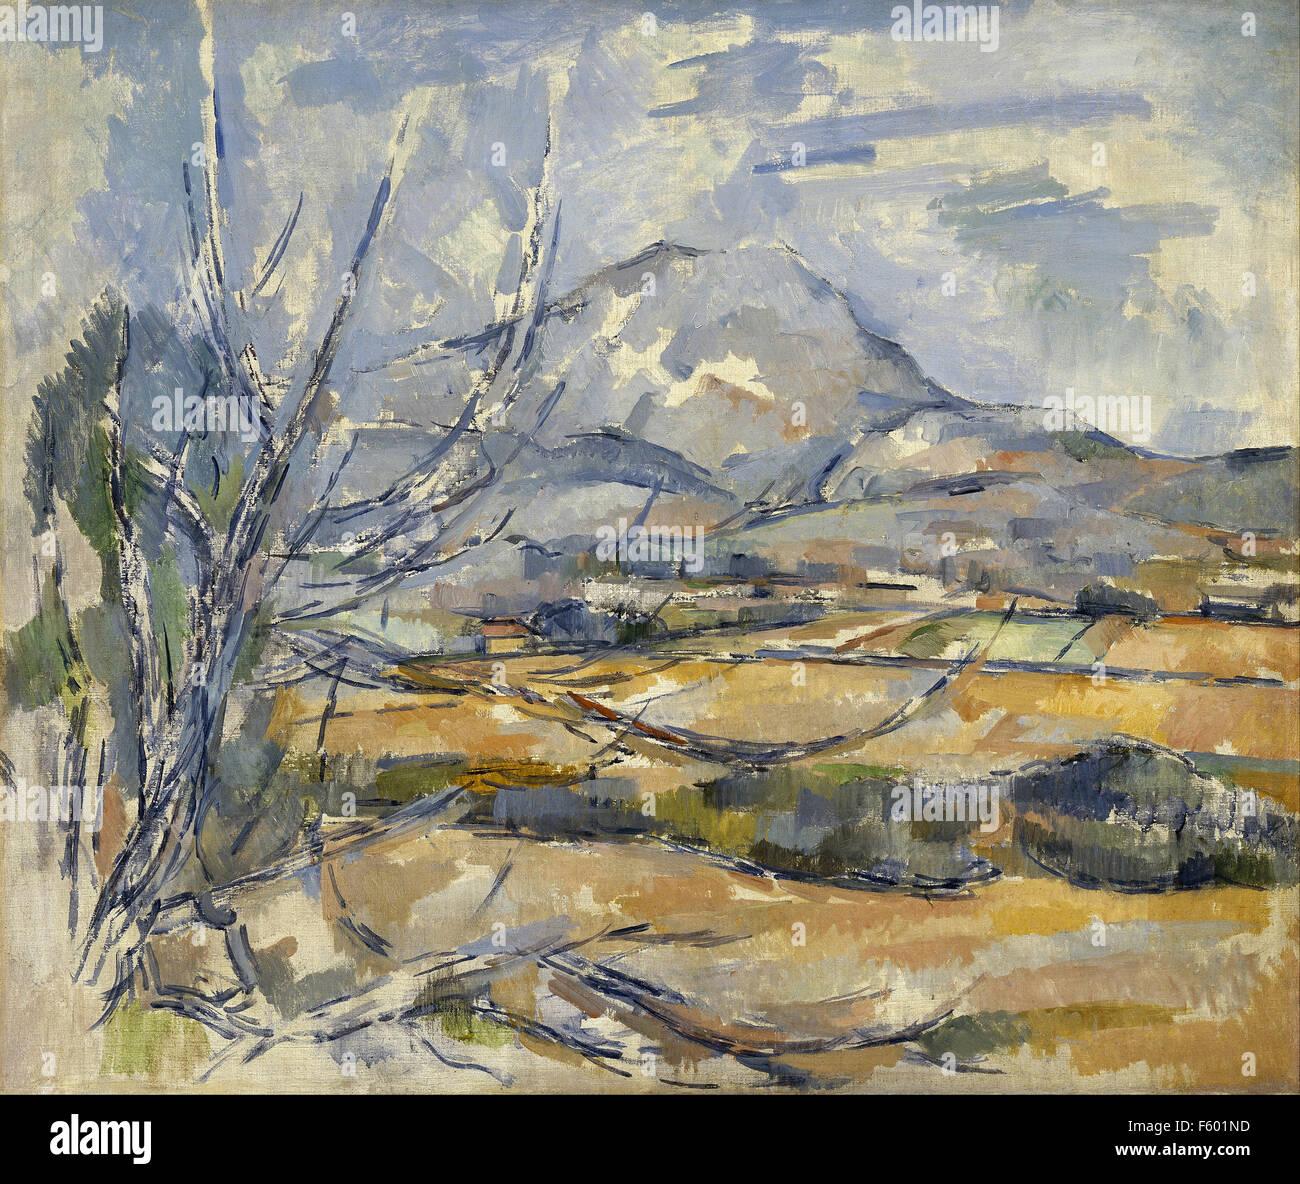 Paul Cézanne - Mont Sainte-Victoire 606 - Stock Image